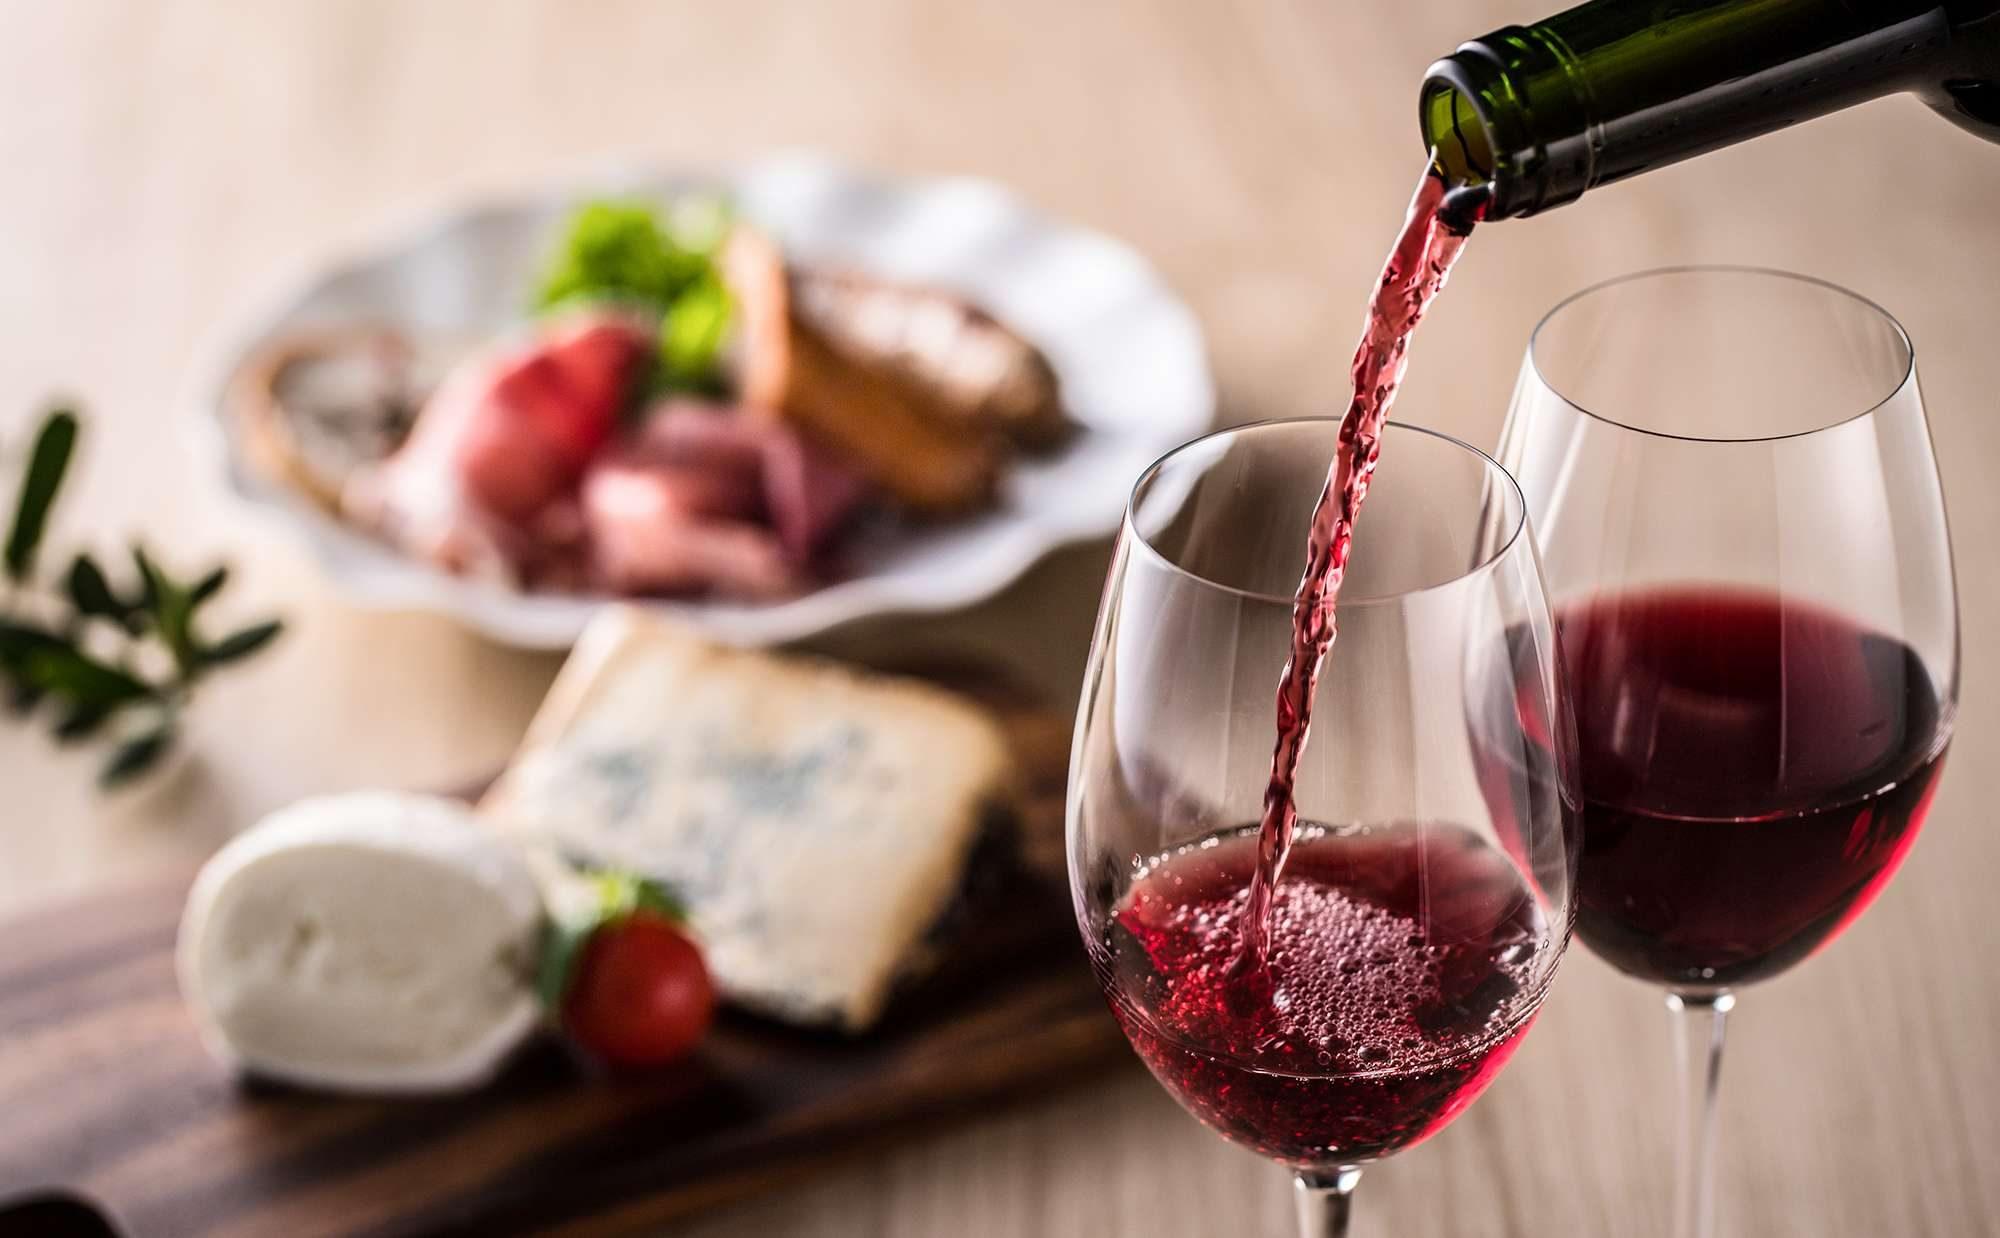 いつもワインがあるぜいたくな暮らし。父の日のプレゼントにも